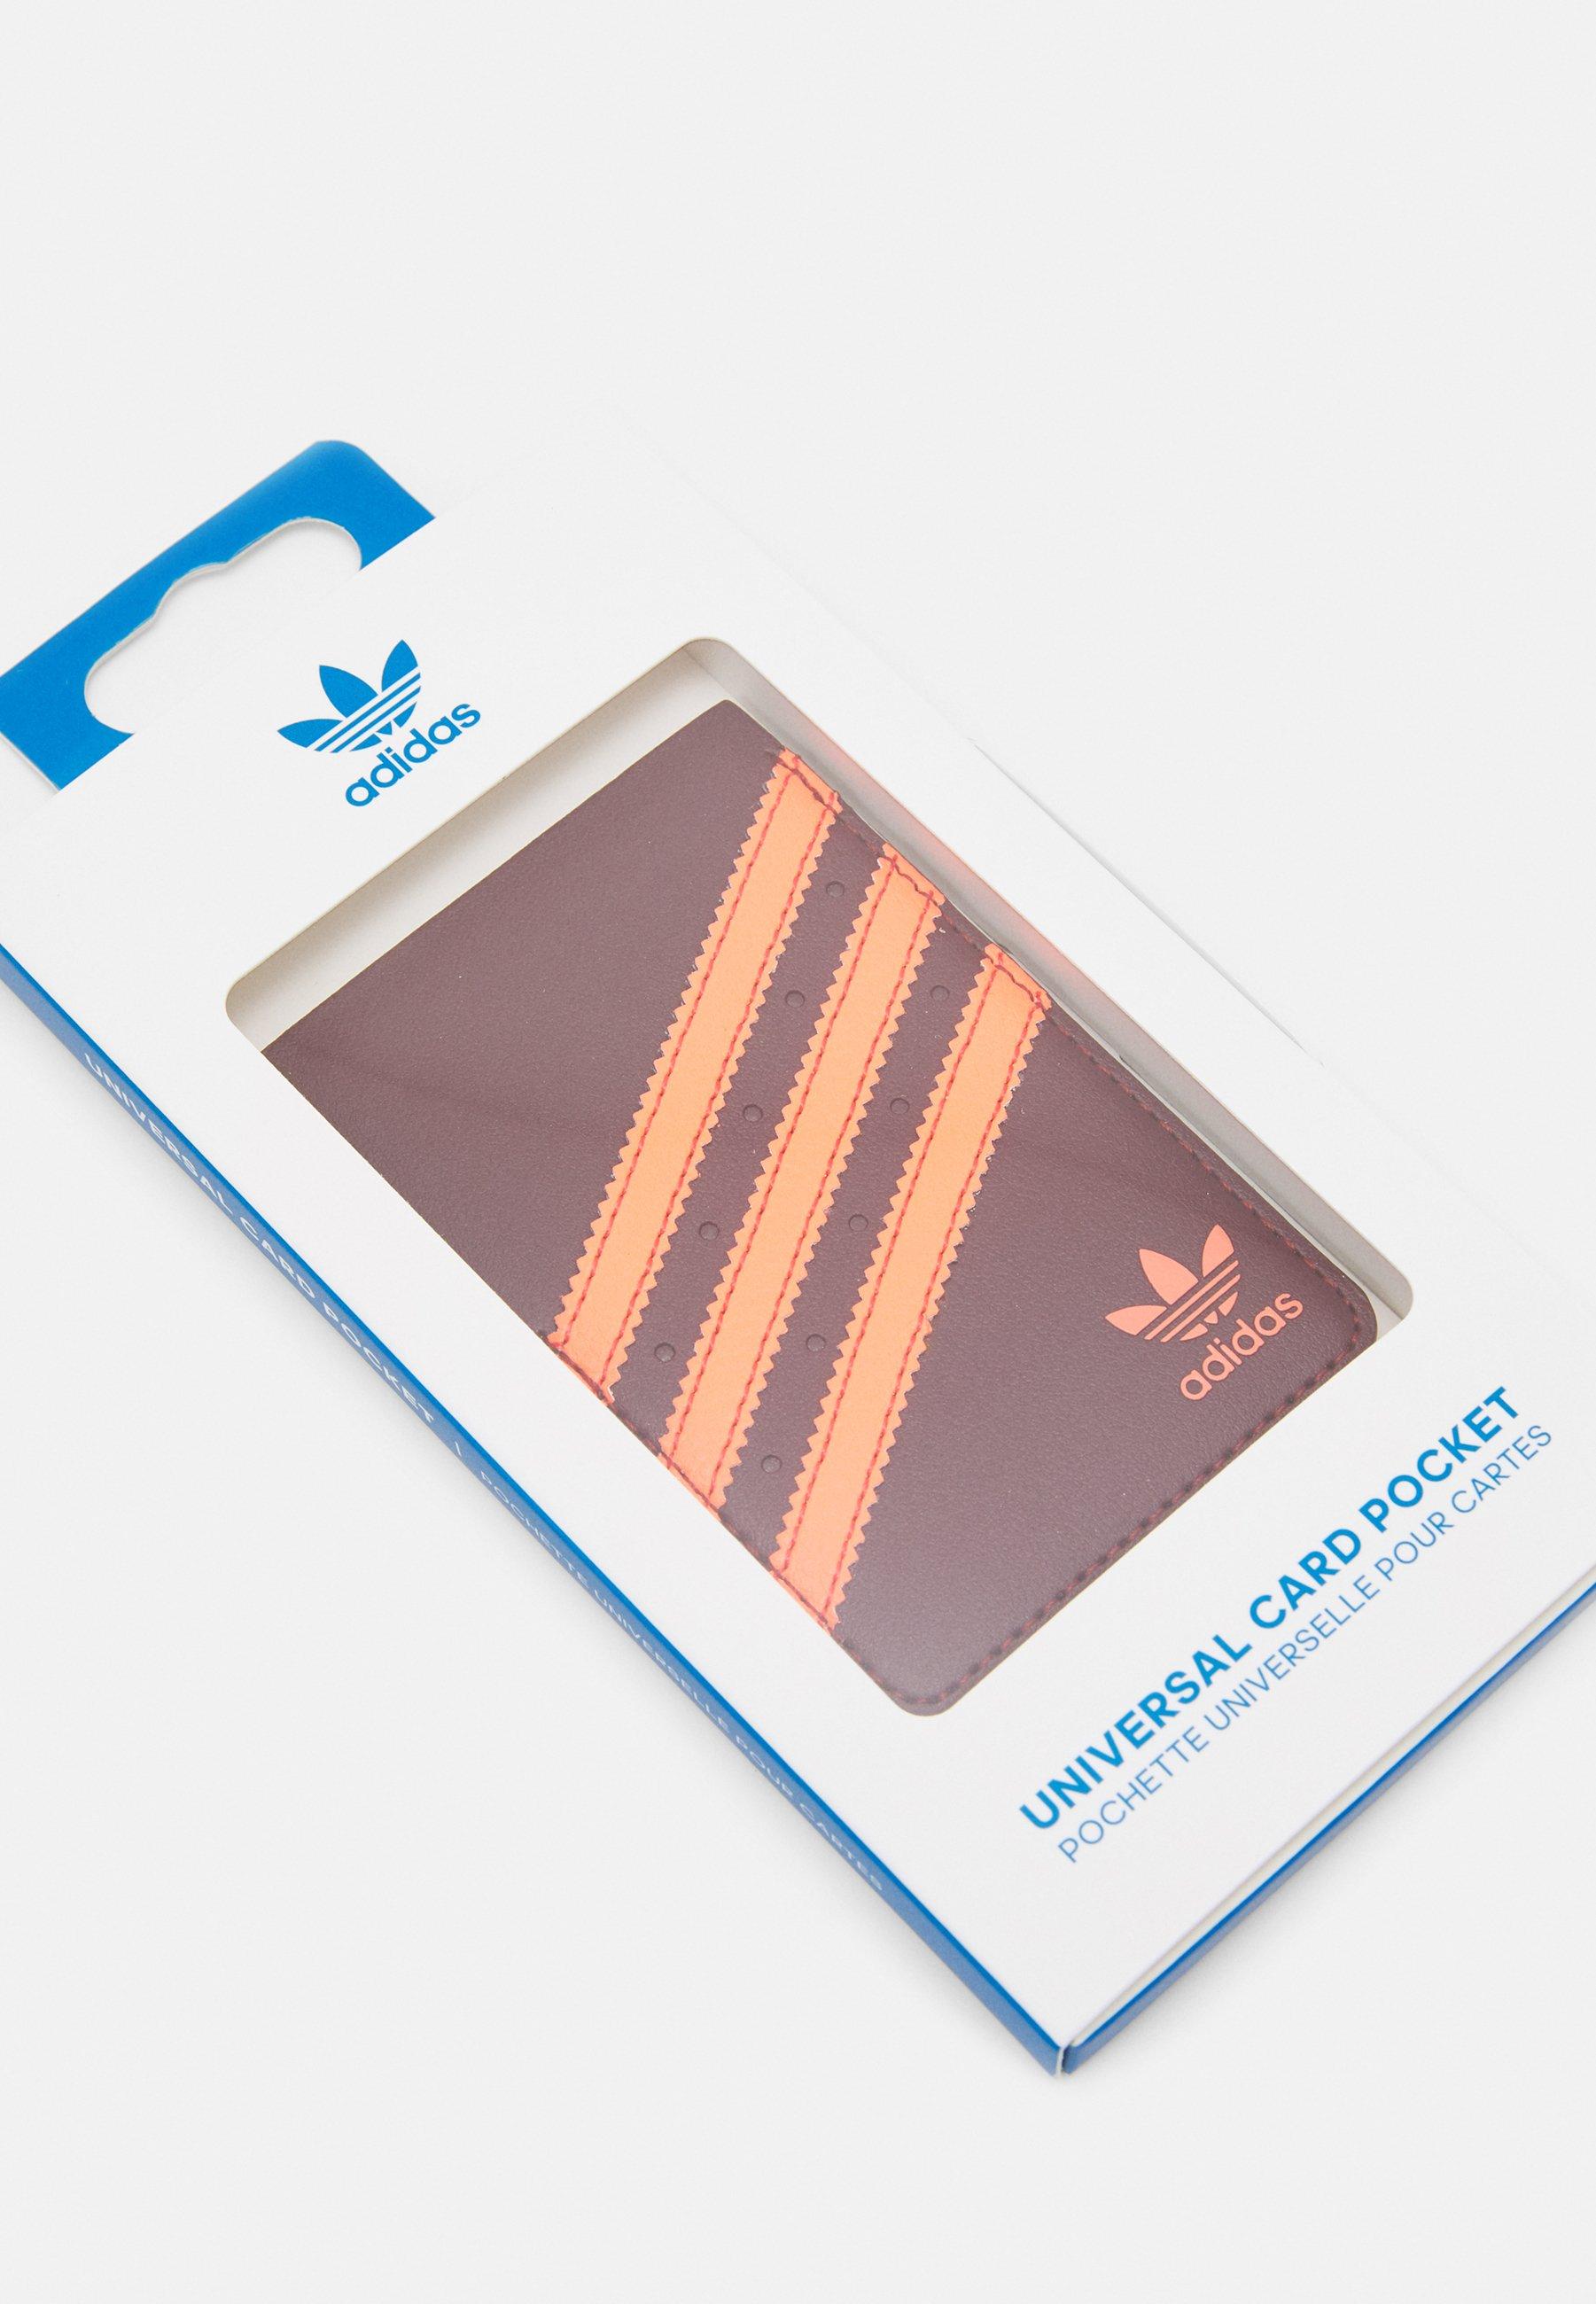 Men Kartenetui für Handytasche / Cardholder for Phone Case - Phone case